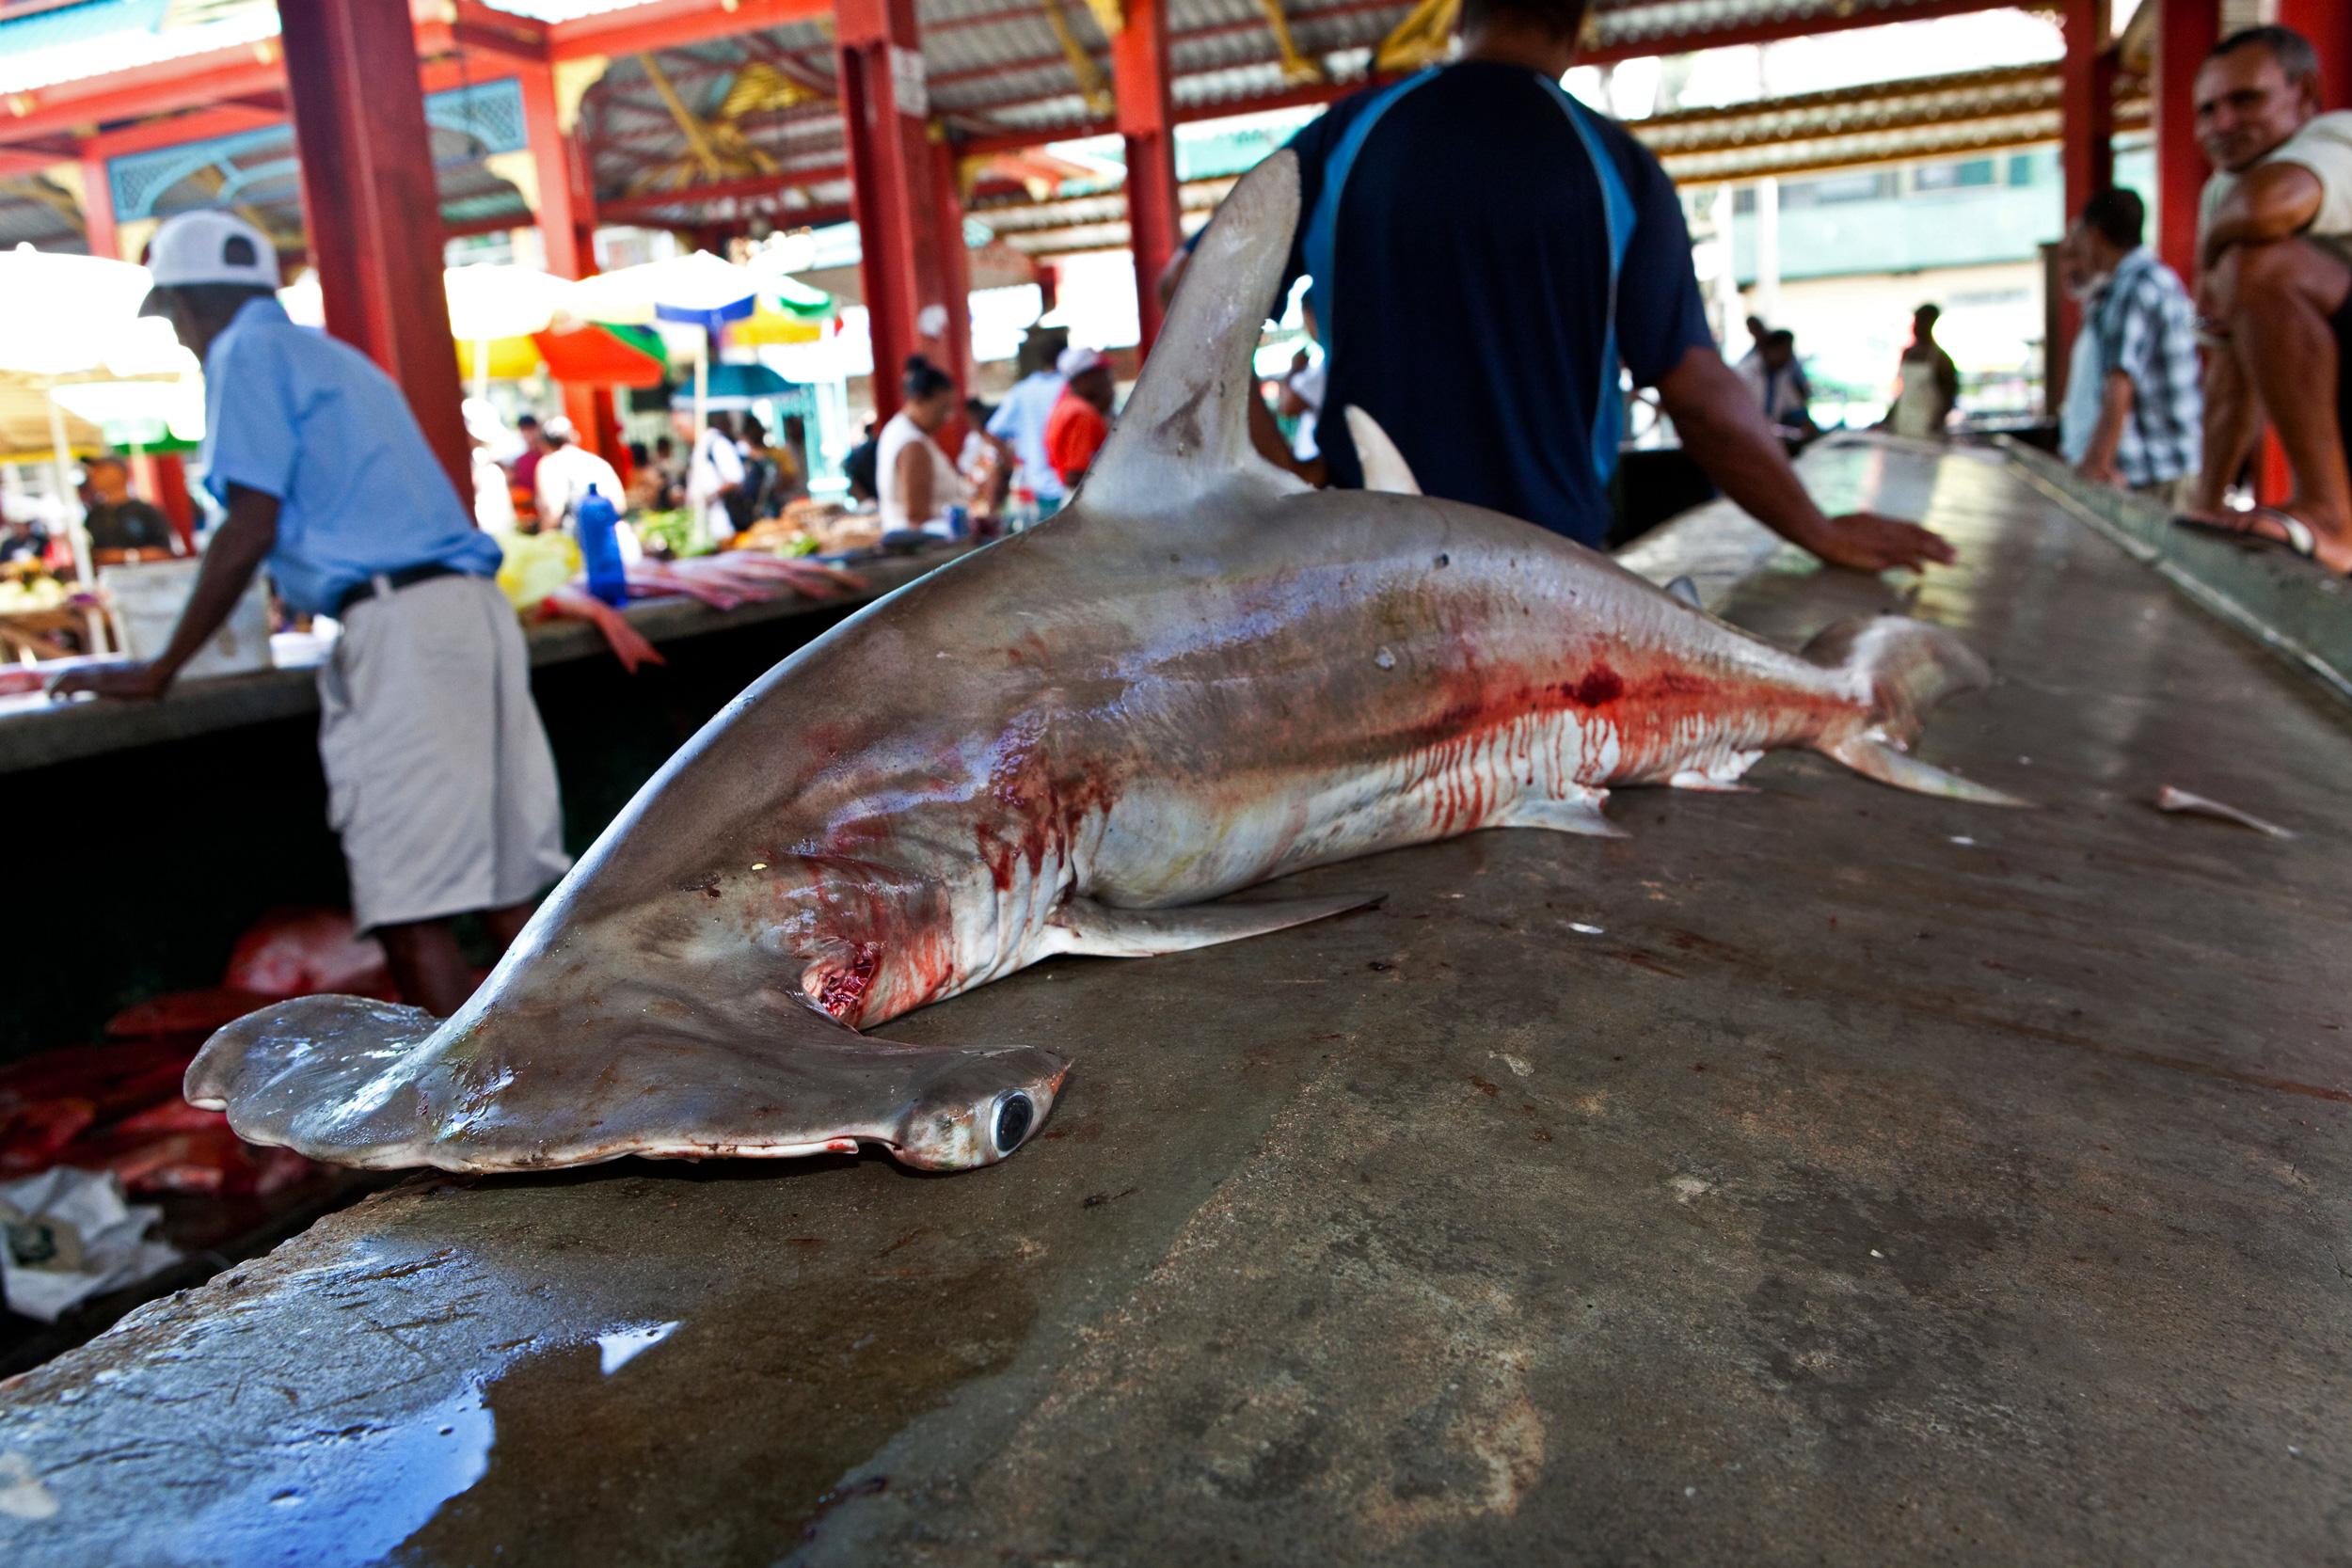 Scientific Research in the Fish Market